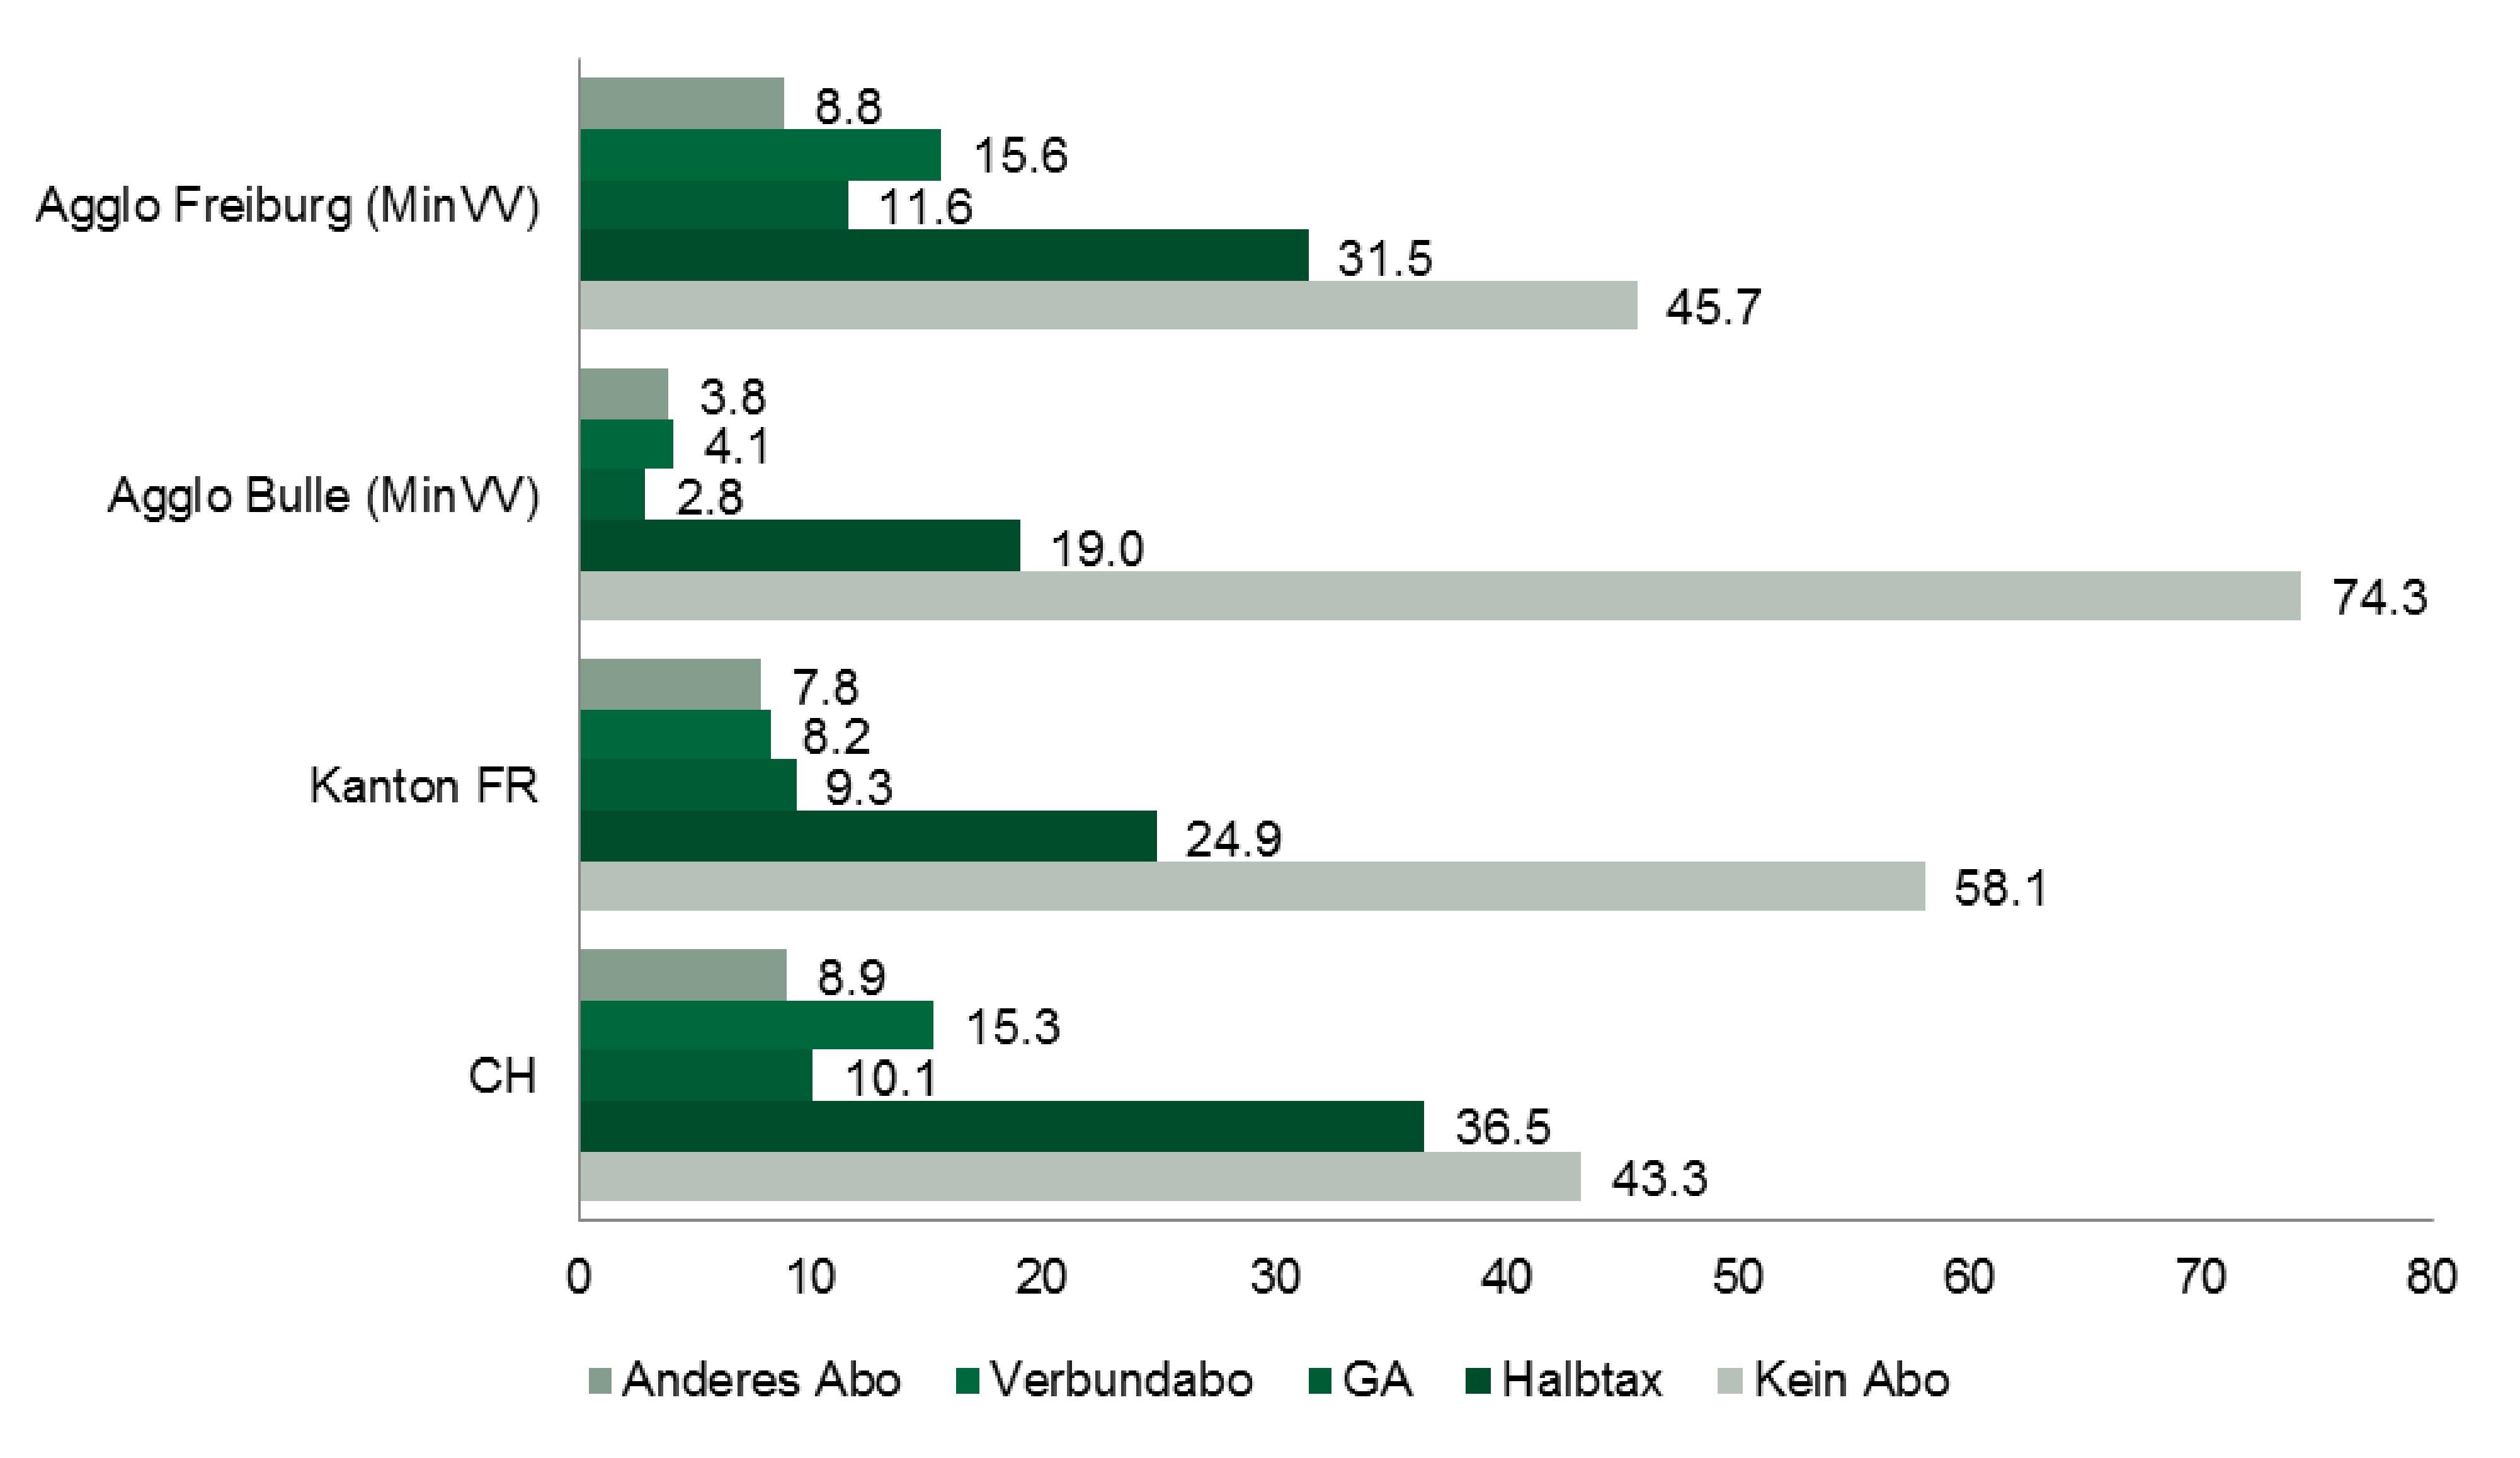 Mikrozensus 2015: Besitz von Abonnements des öffentlichen Verkehrs (in %)